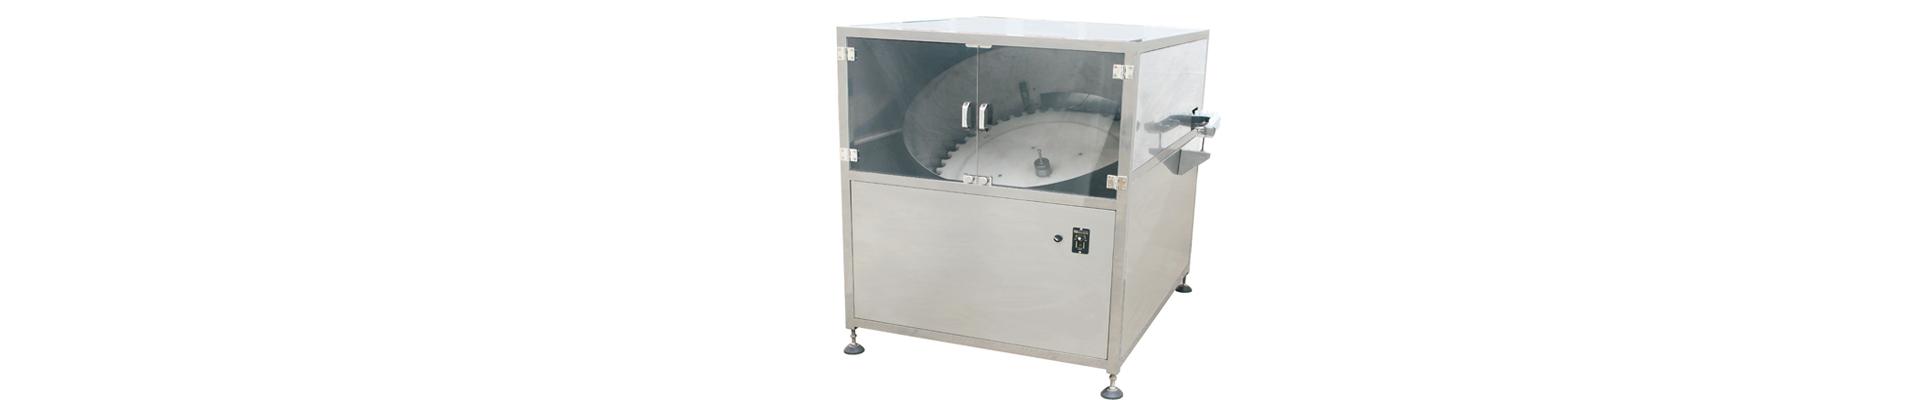 LP-A2000高速理瓶机